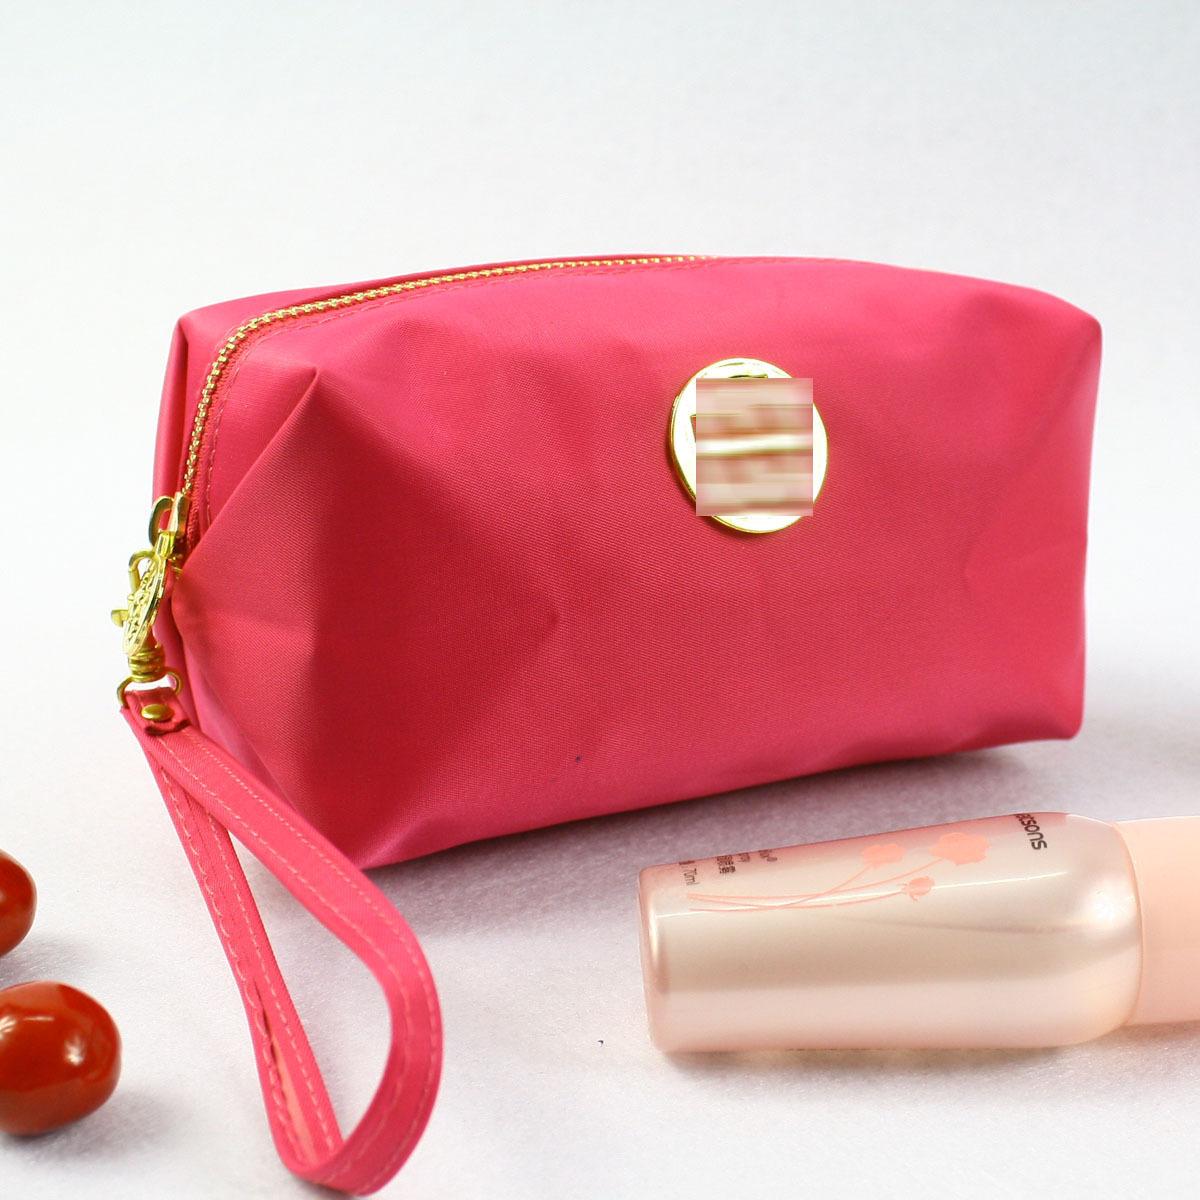 2014 New Light Longchamp Travel Bags 1630 737 514 VEGETALE